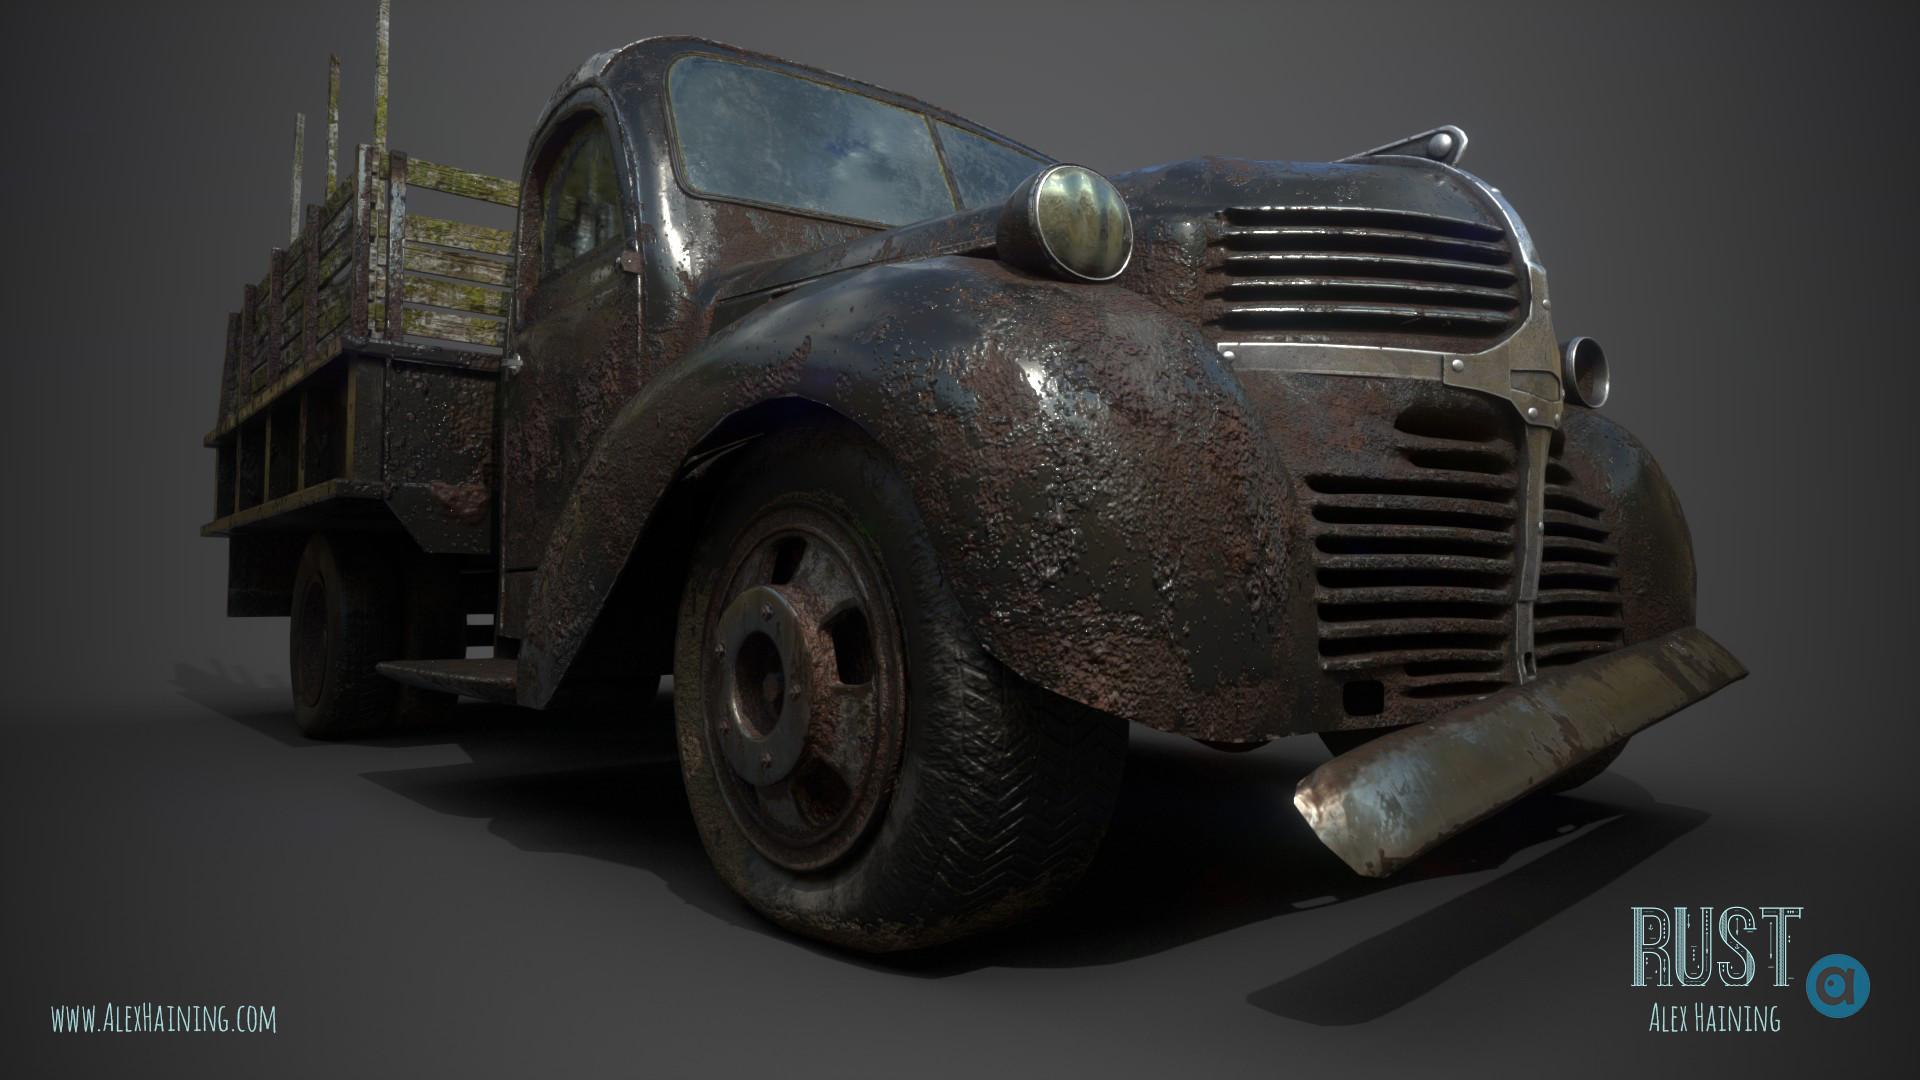 Alex haining truck render poster7